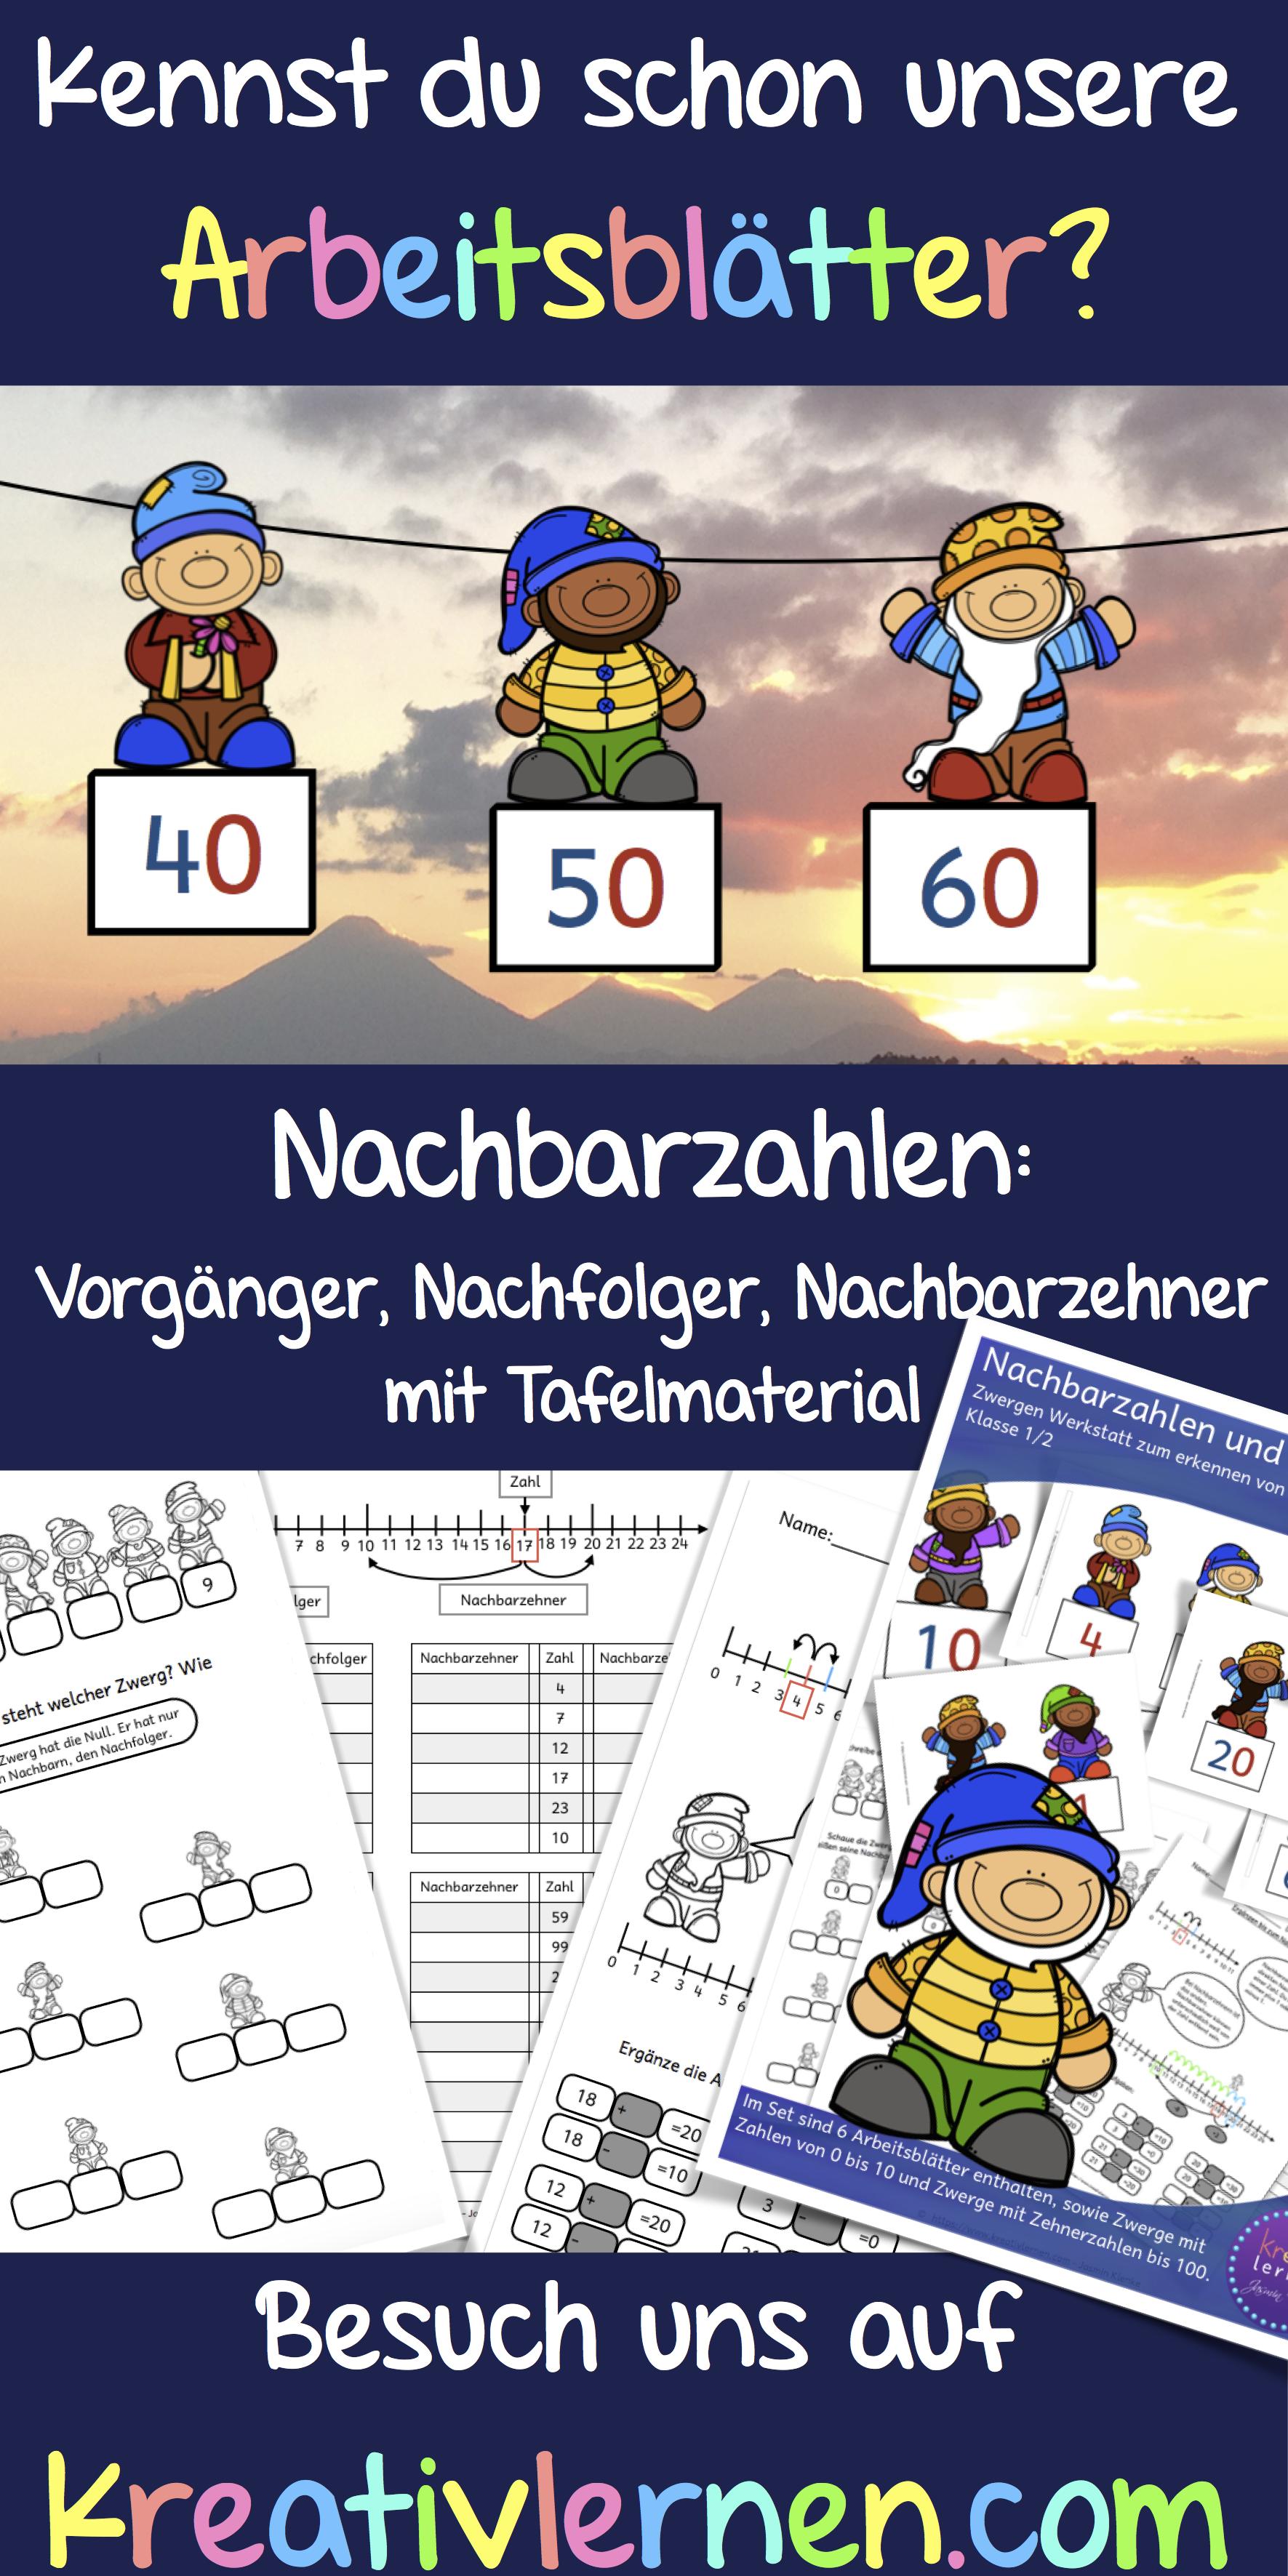 Nachbarzahlen (Vorgänger und Nachfolger) und Nachbarzehner ...